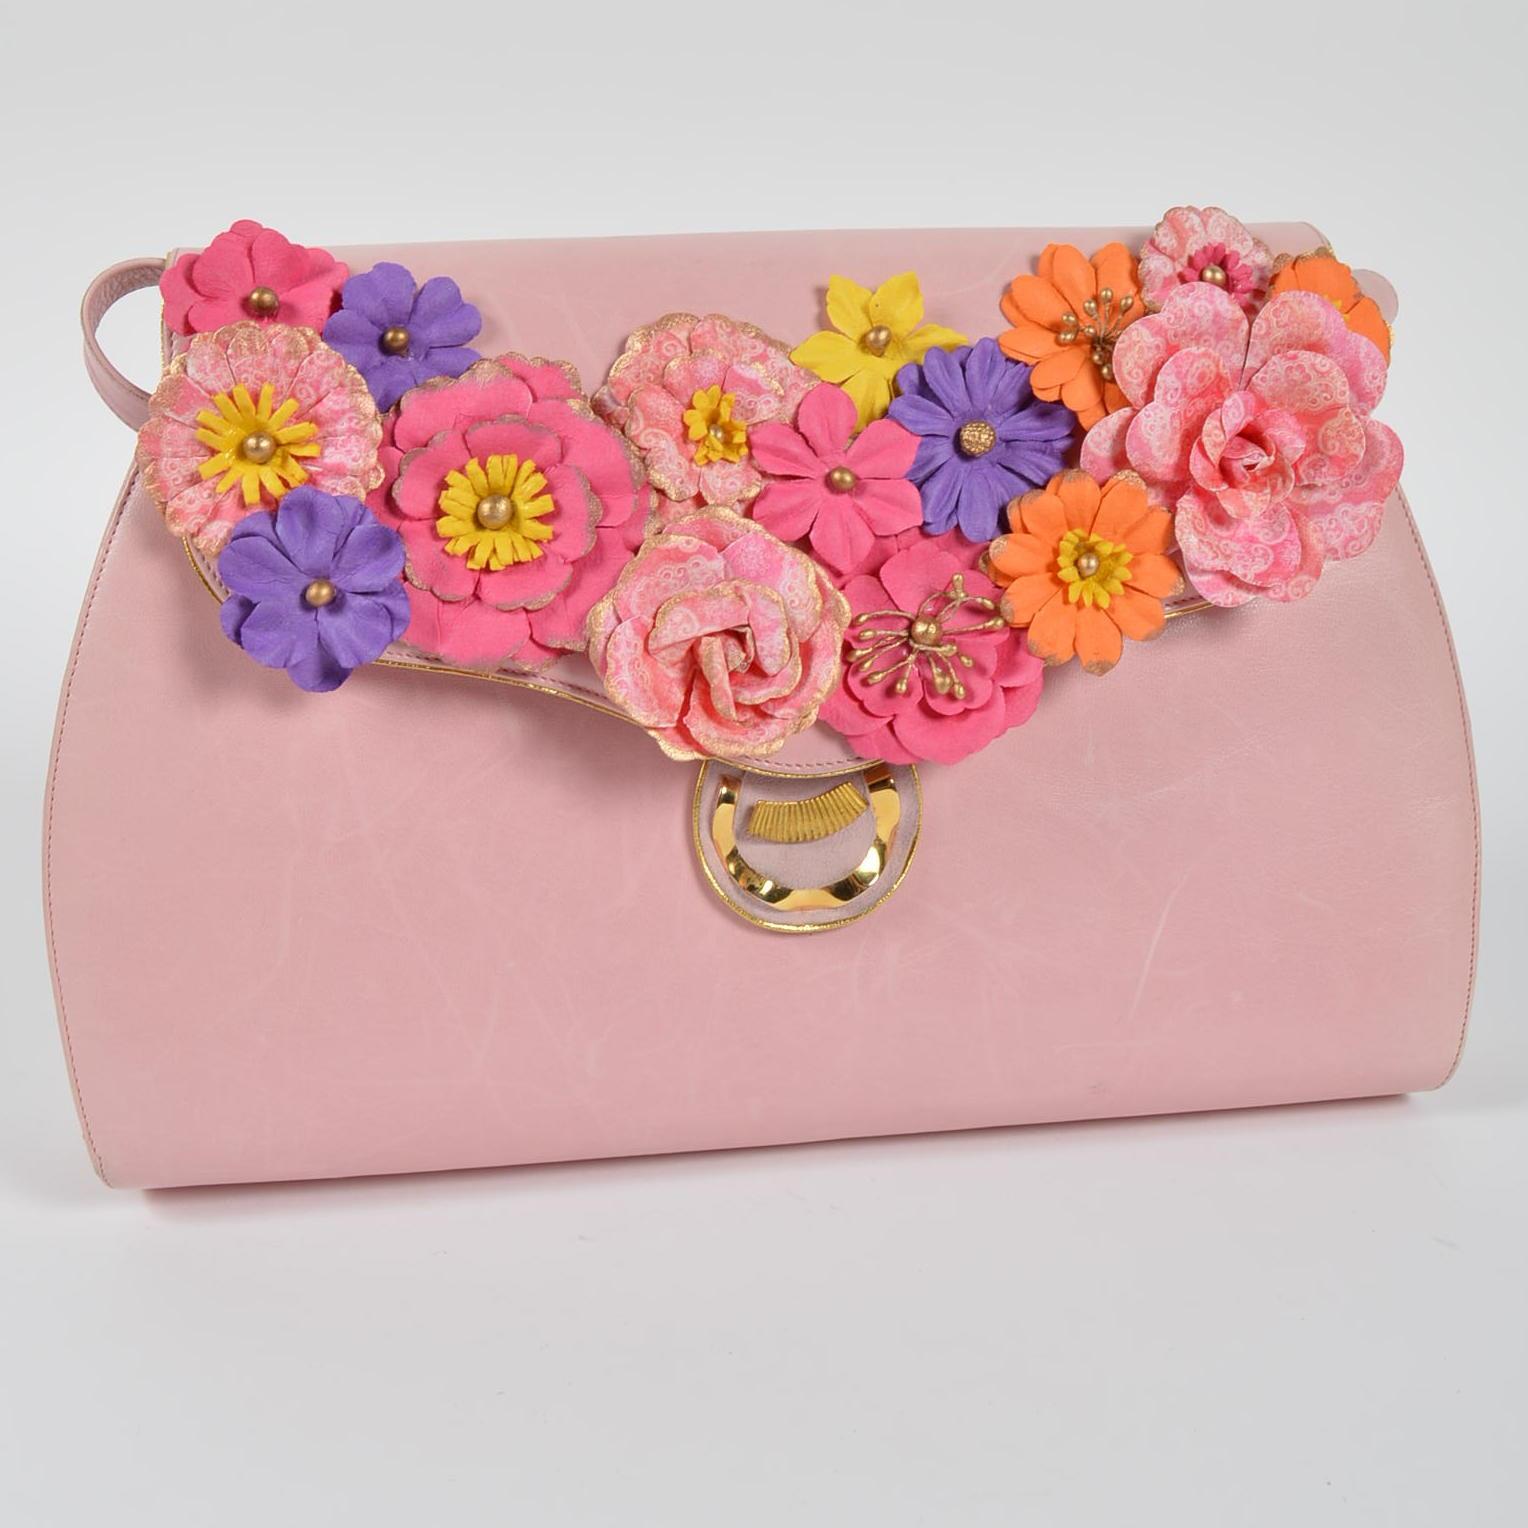 Vintage Bally Pink Embellished Handbag